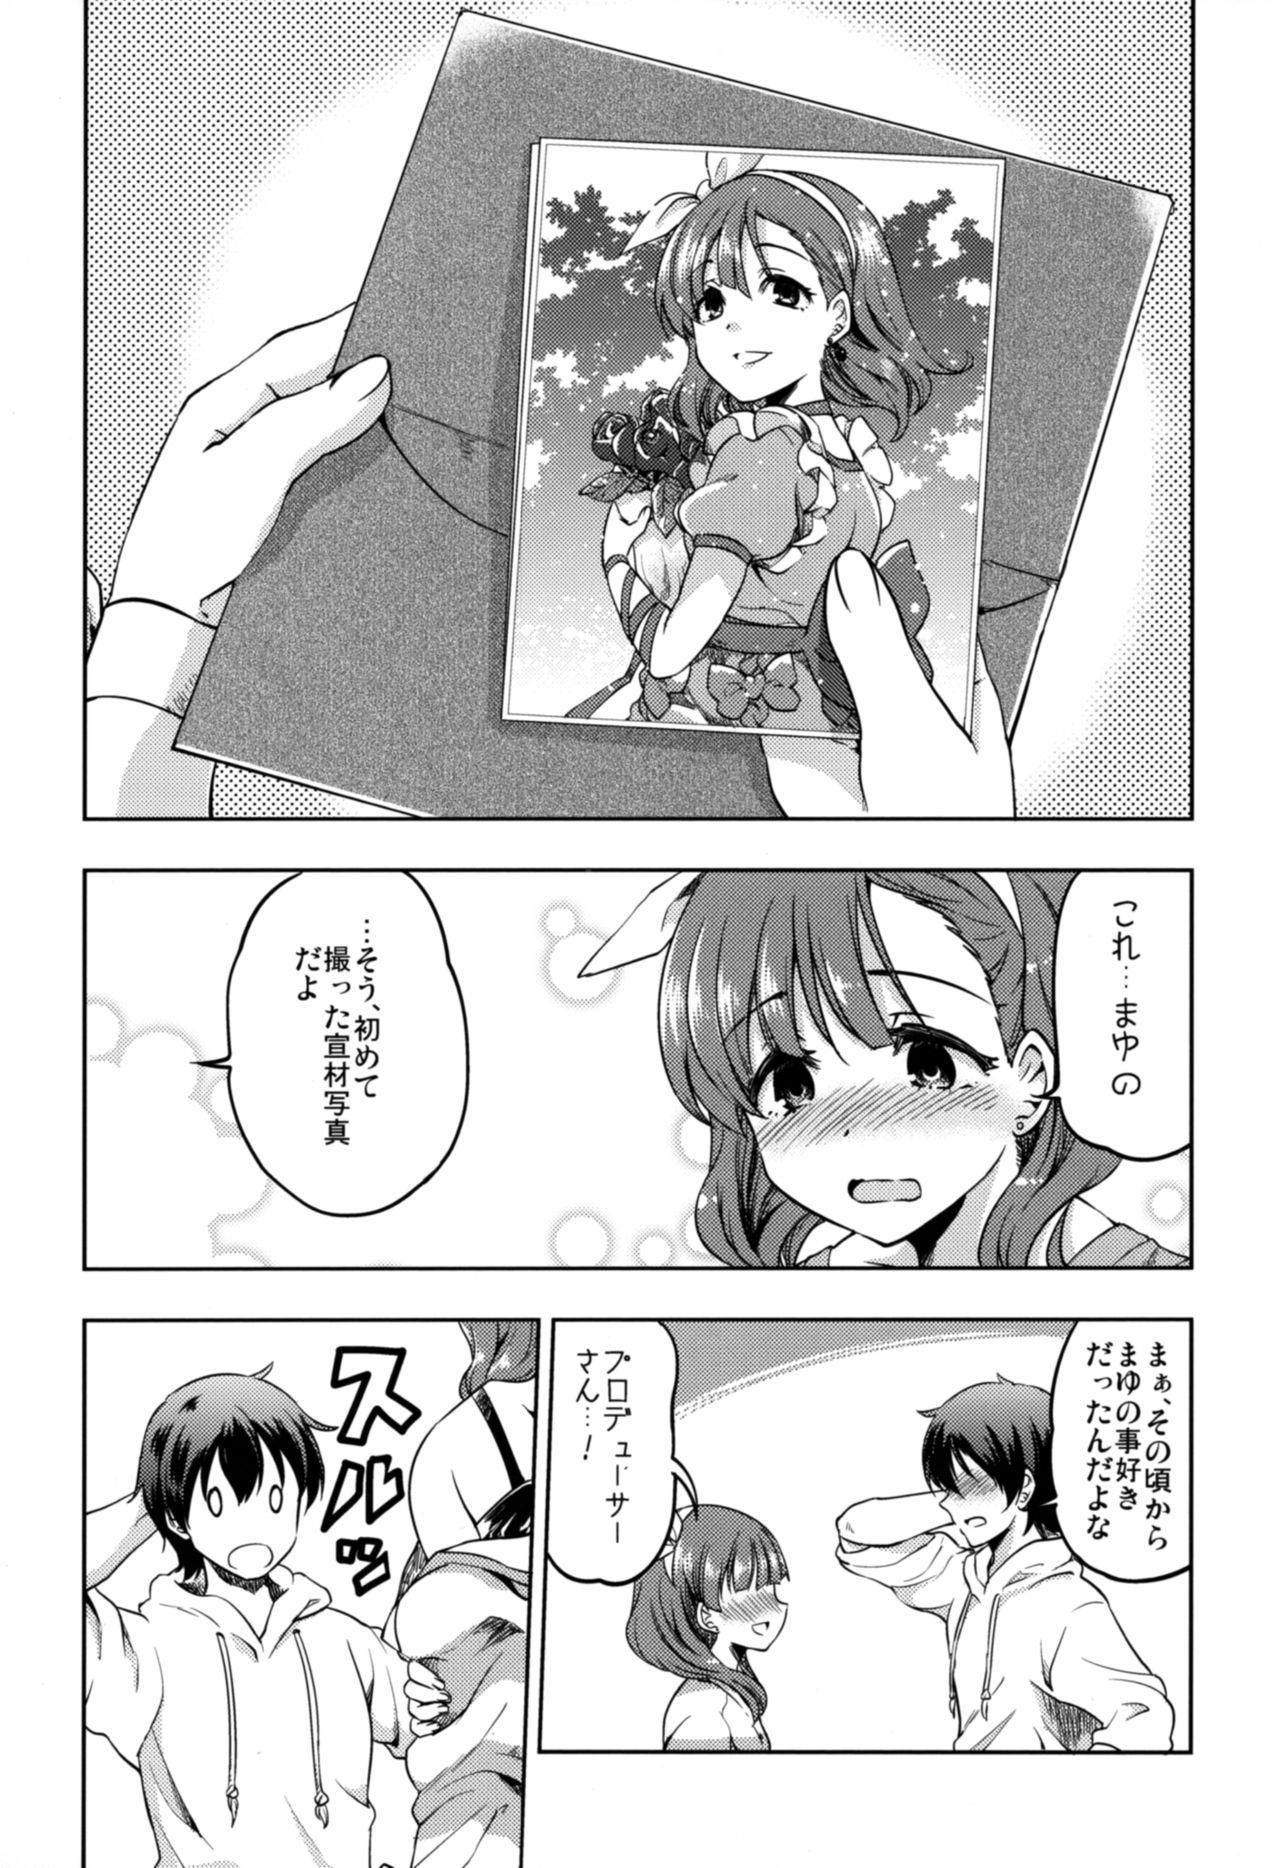 Shiawase na Ketsumatsu 17